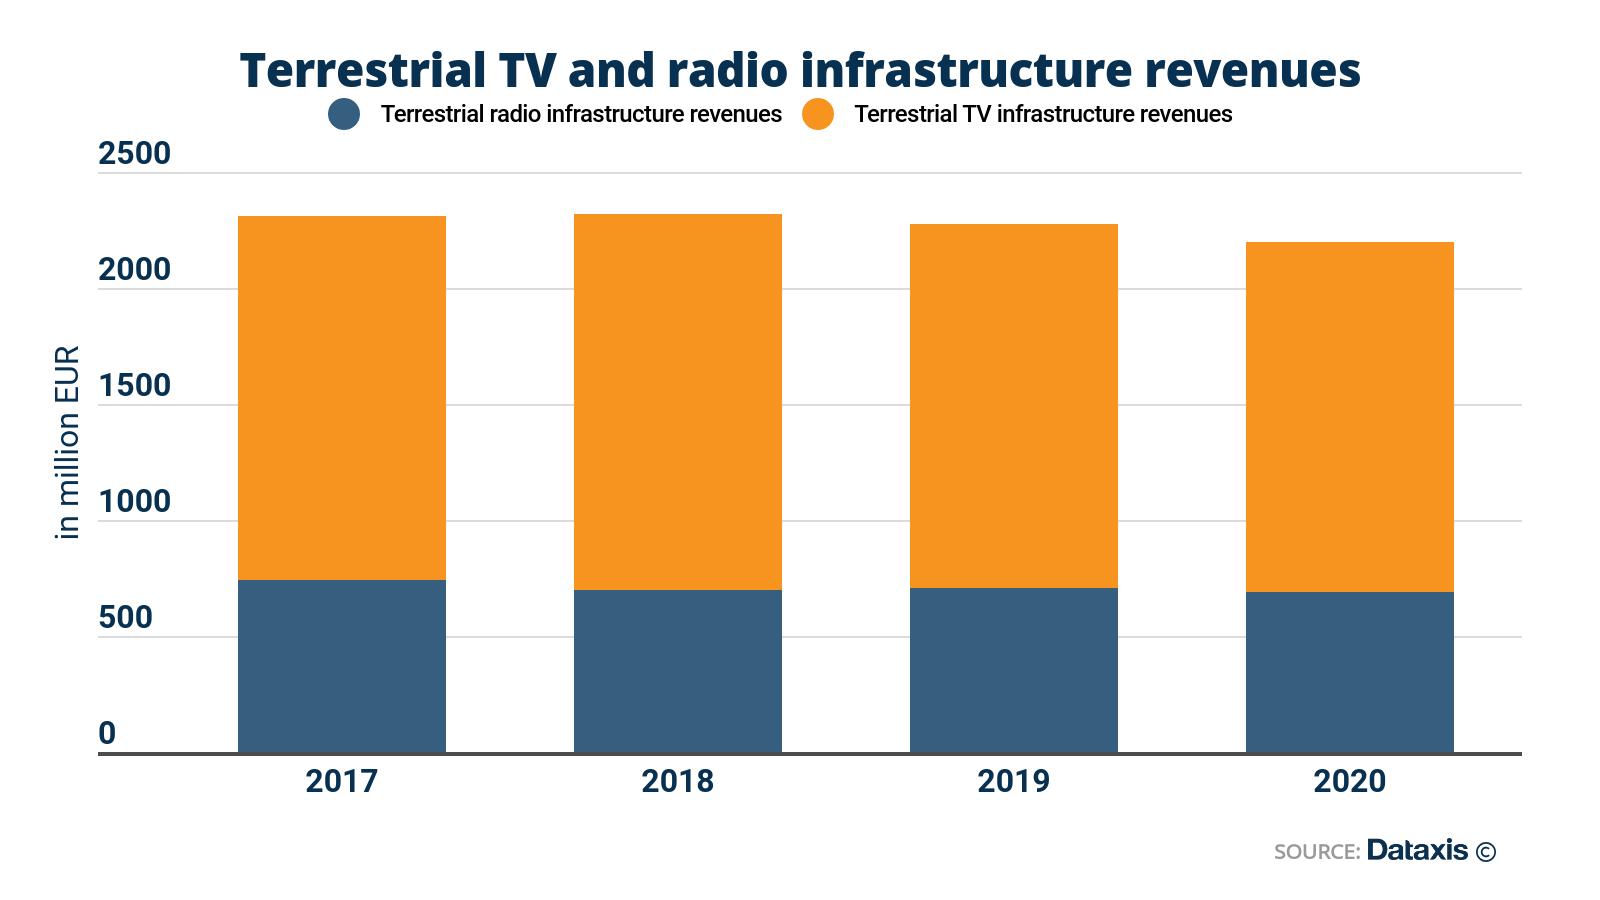 terrestrial-broadcast-network-infrastructures-in-europe